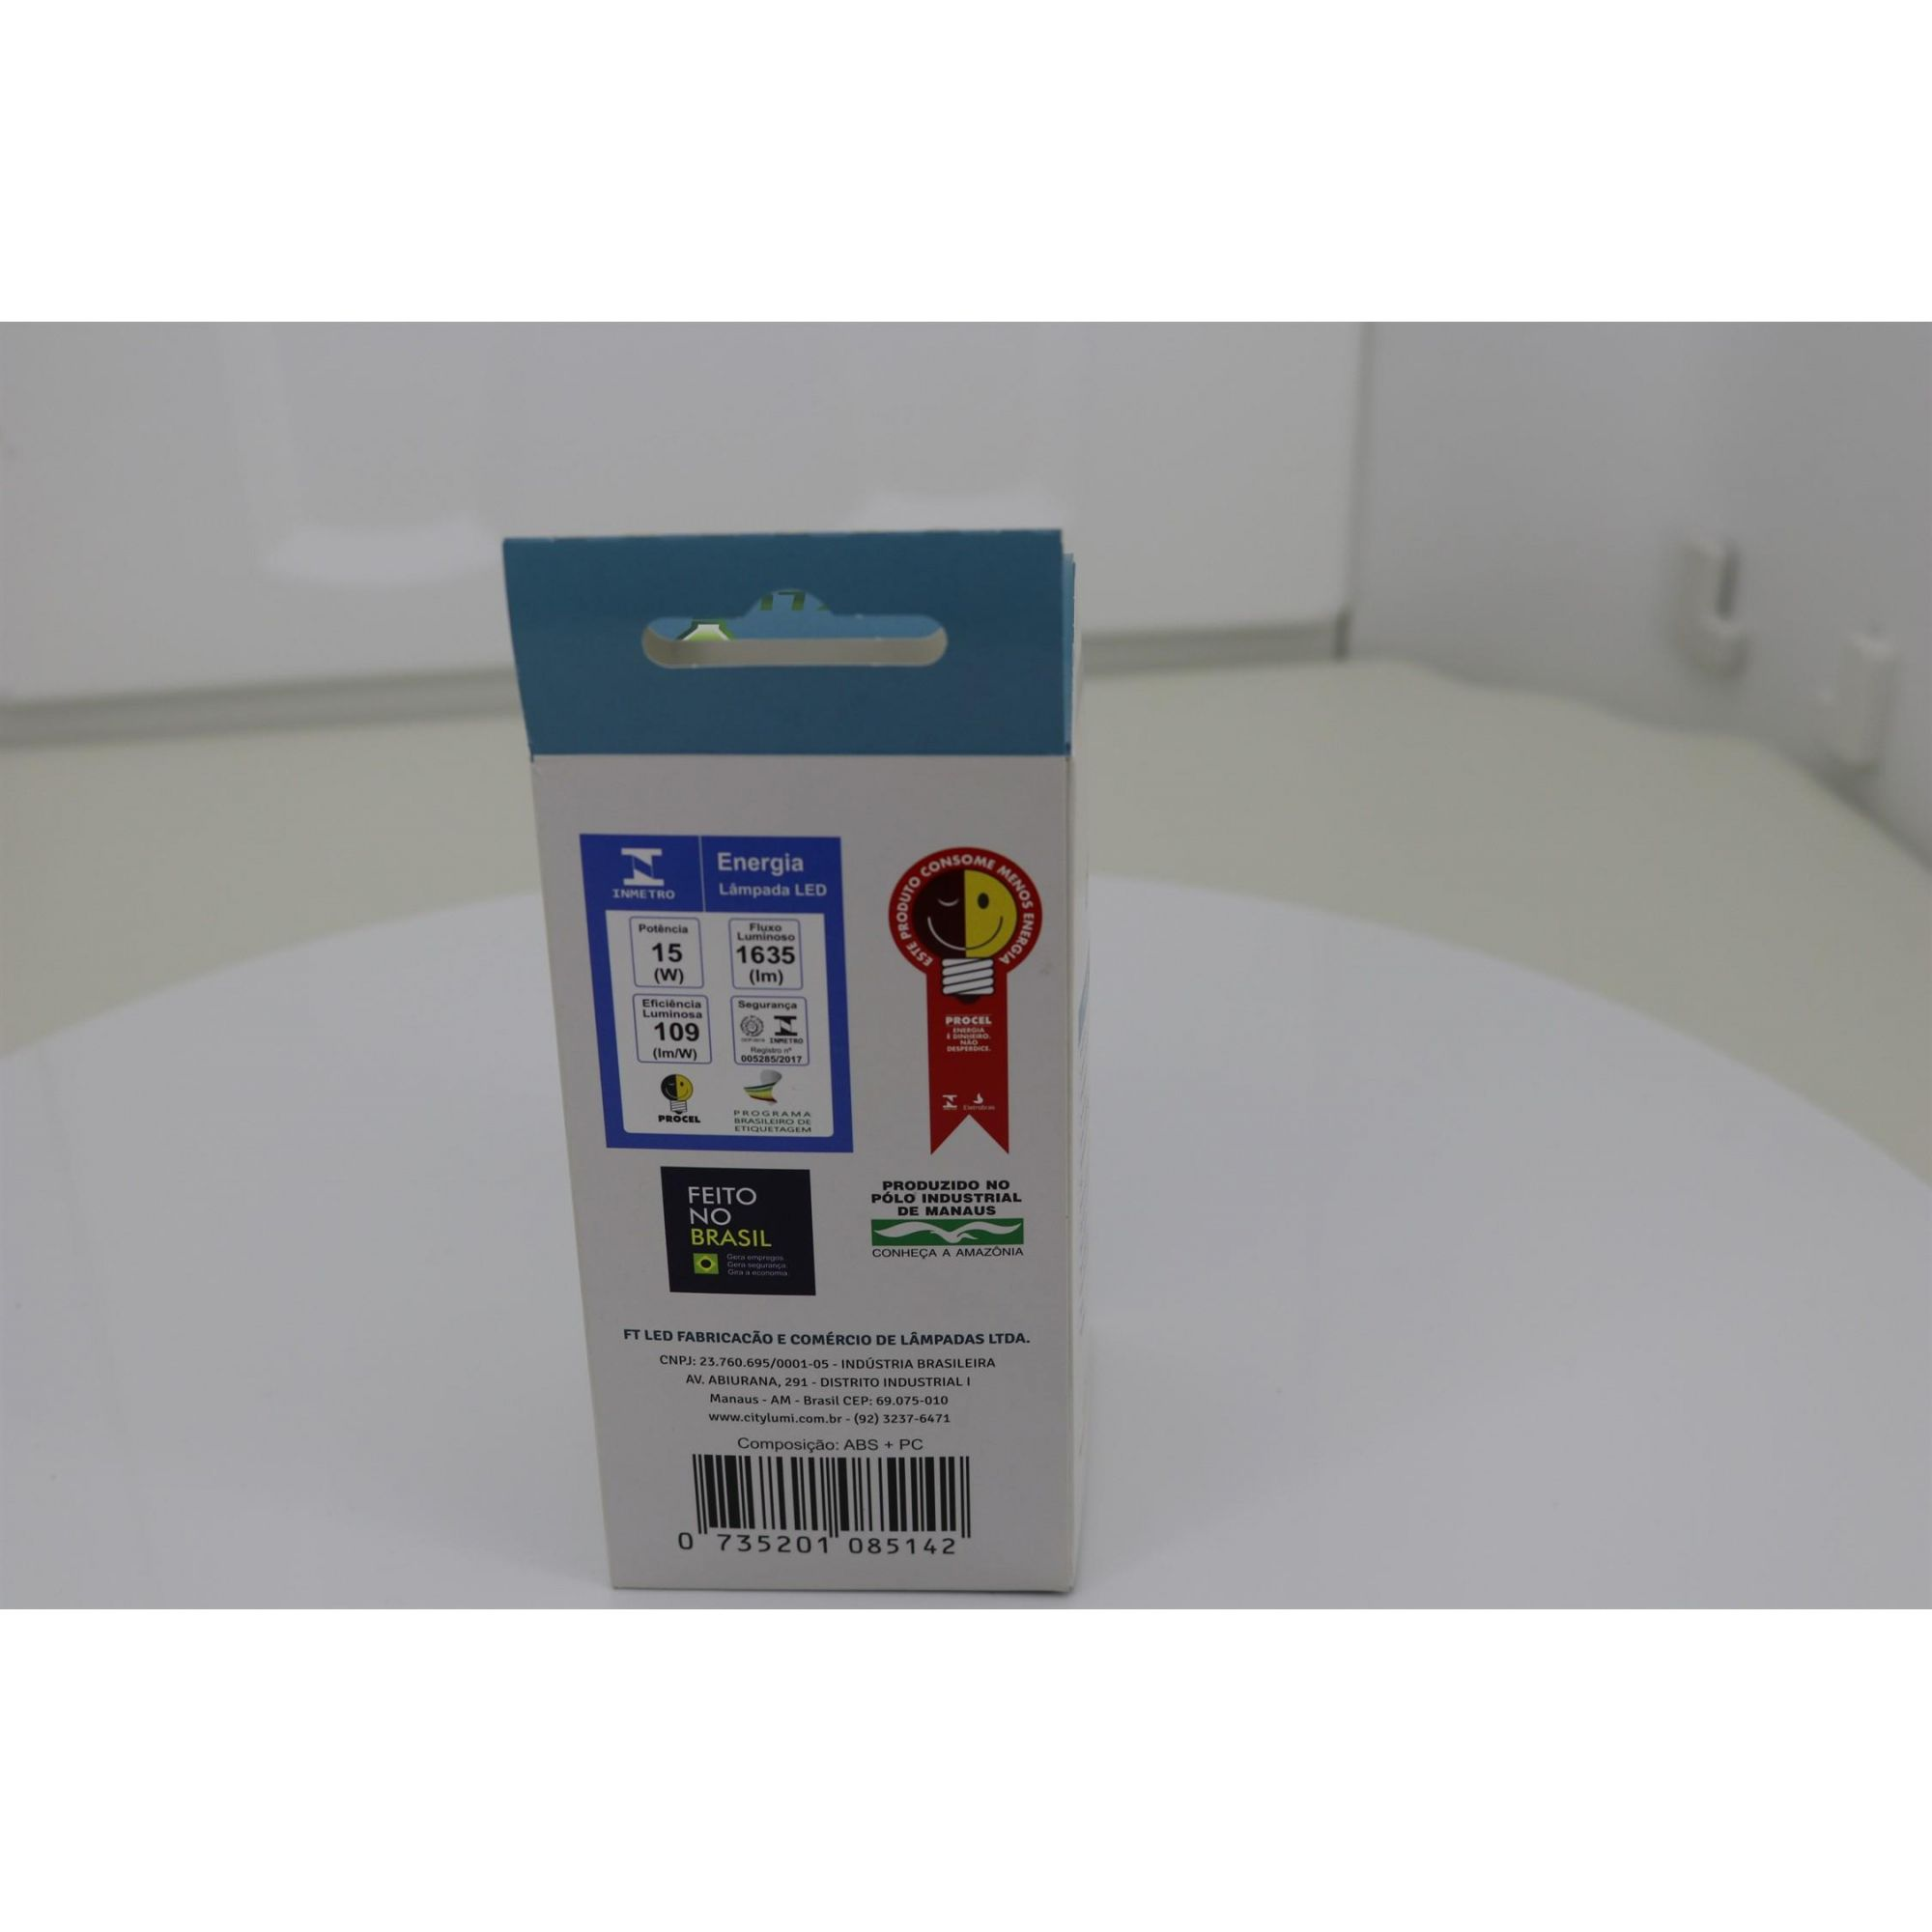 Kit 10 Lâmpada Bulbo Led 15w Soquete E27 Bivolt Branco Frio com 1635 Lúmens  ( Alta potencia)